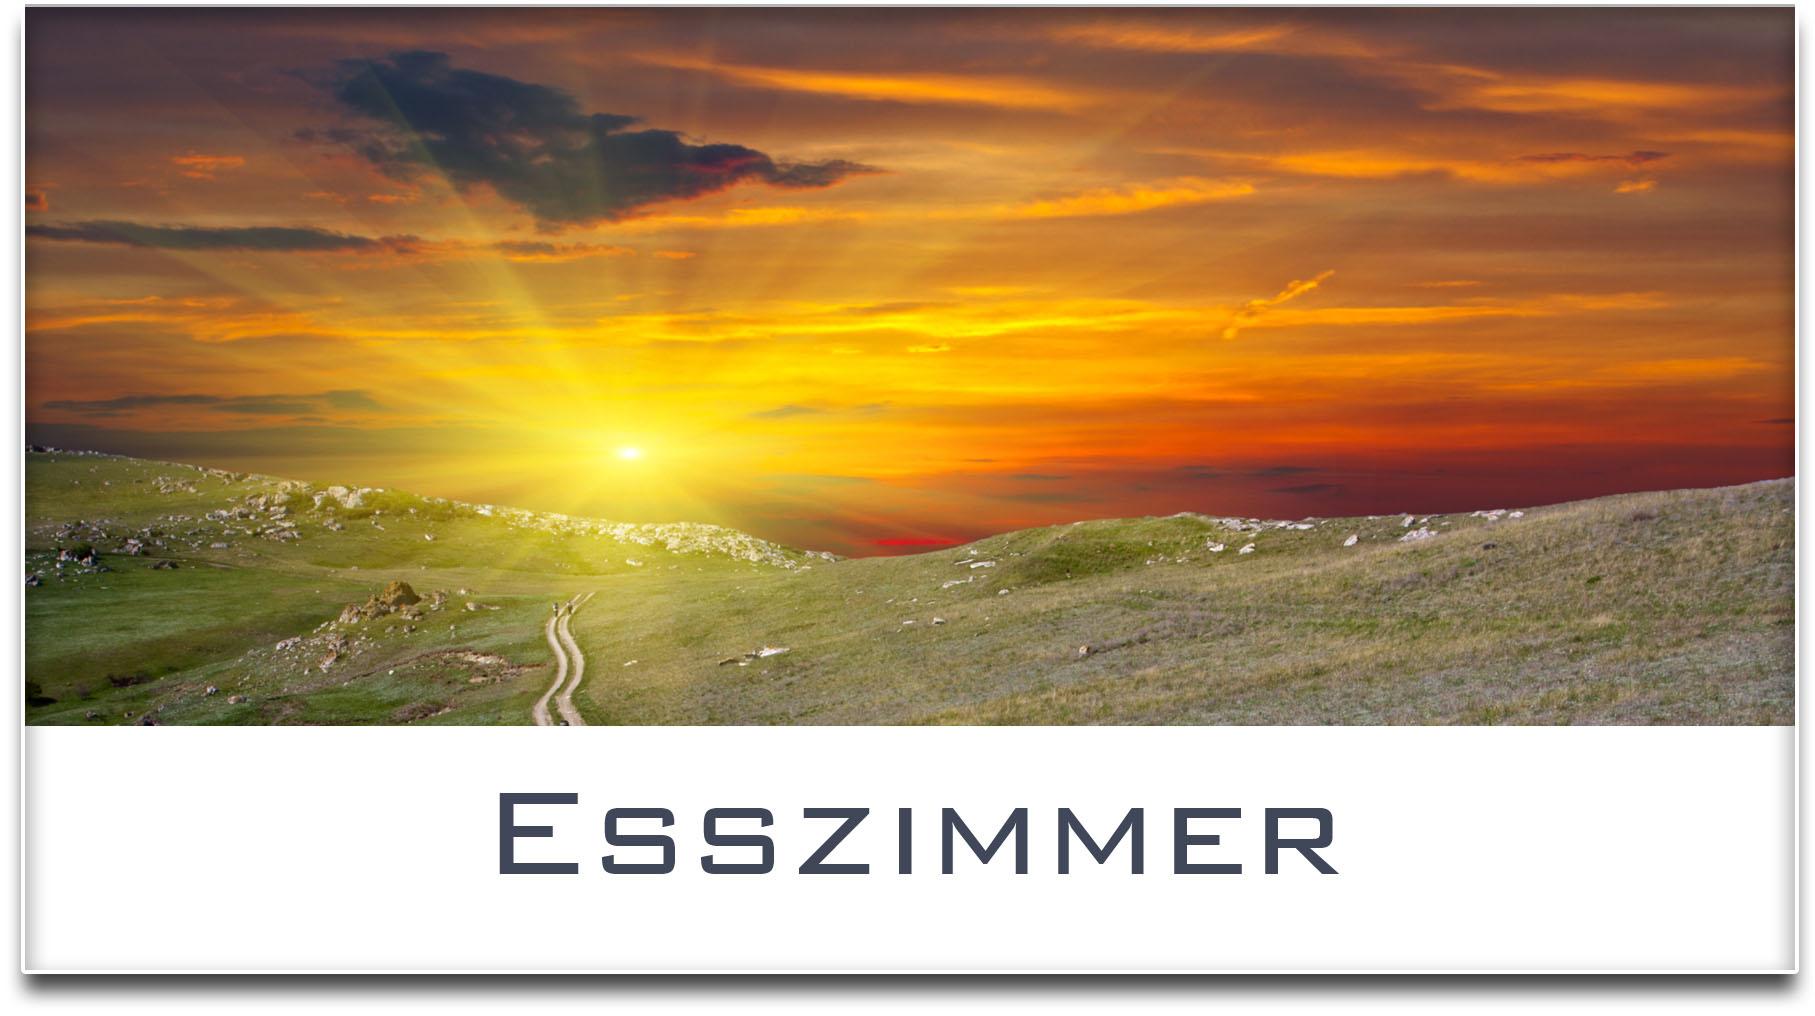 Türschild / Haustürschild / Sonnenuntergang / Esszimmer / Selbstklebend